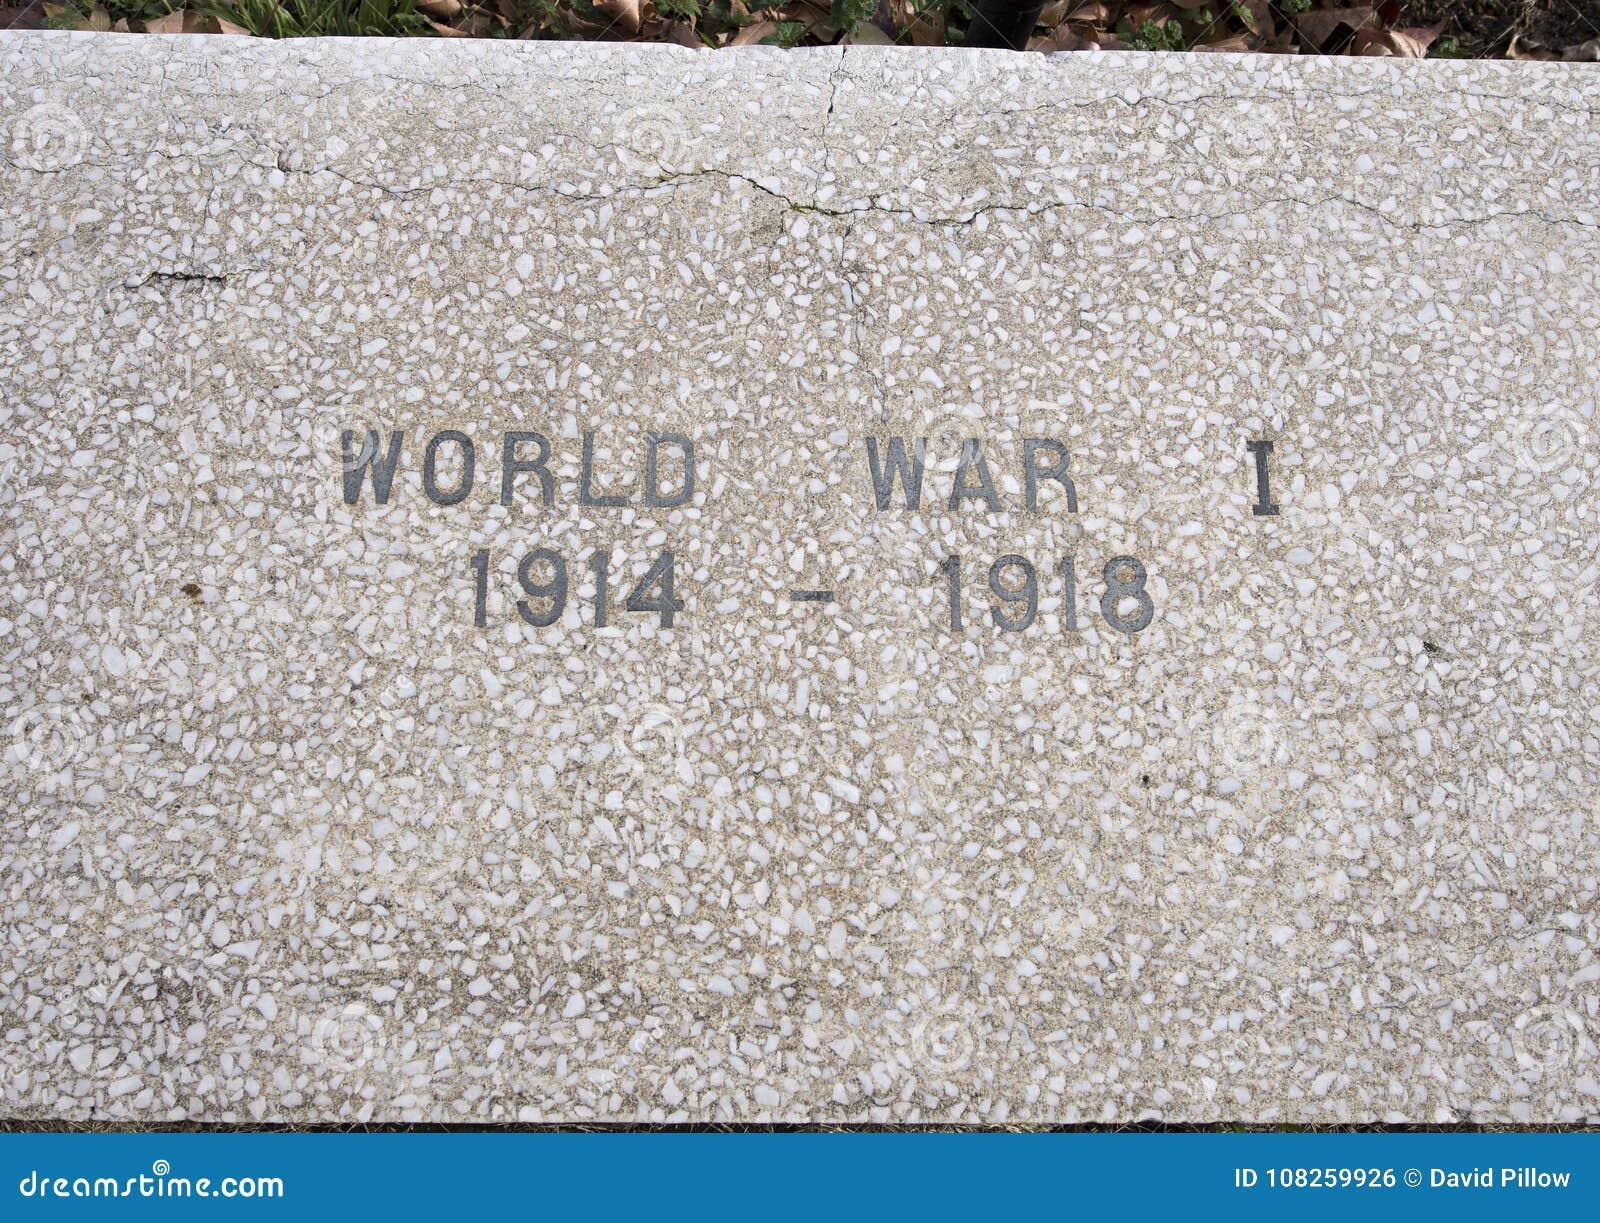 Monumento da guerra da opinião do close up dedicado aos mortos de todas as guerras nos veteranos jardim memorável, Dallas, Texas